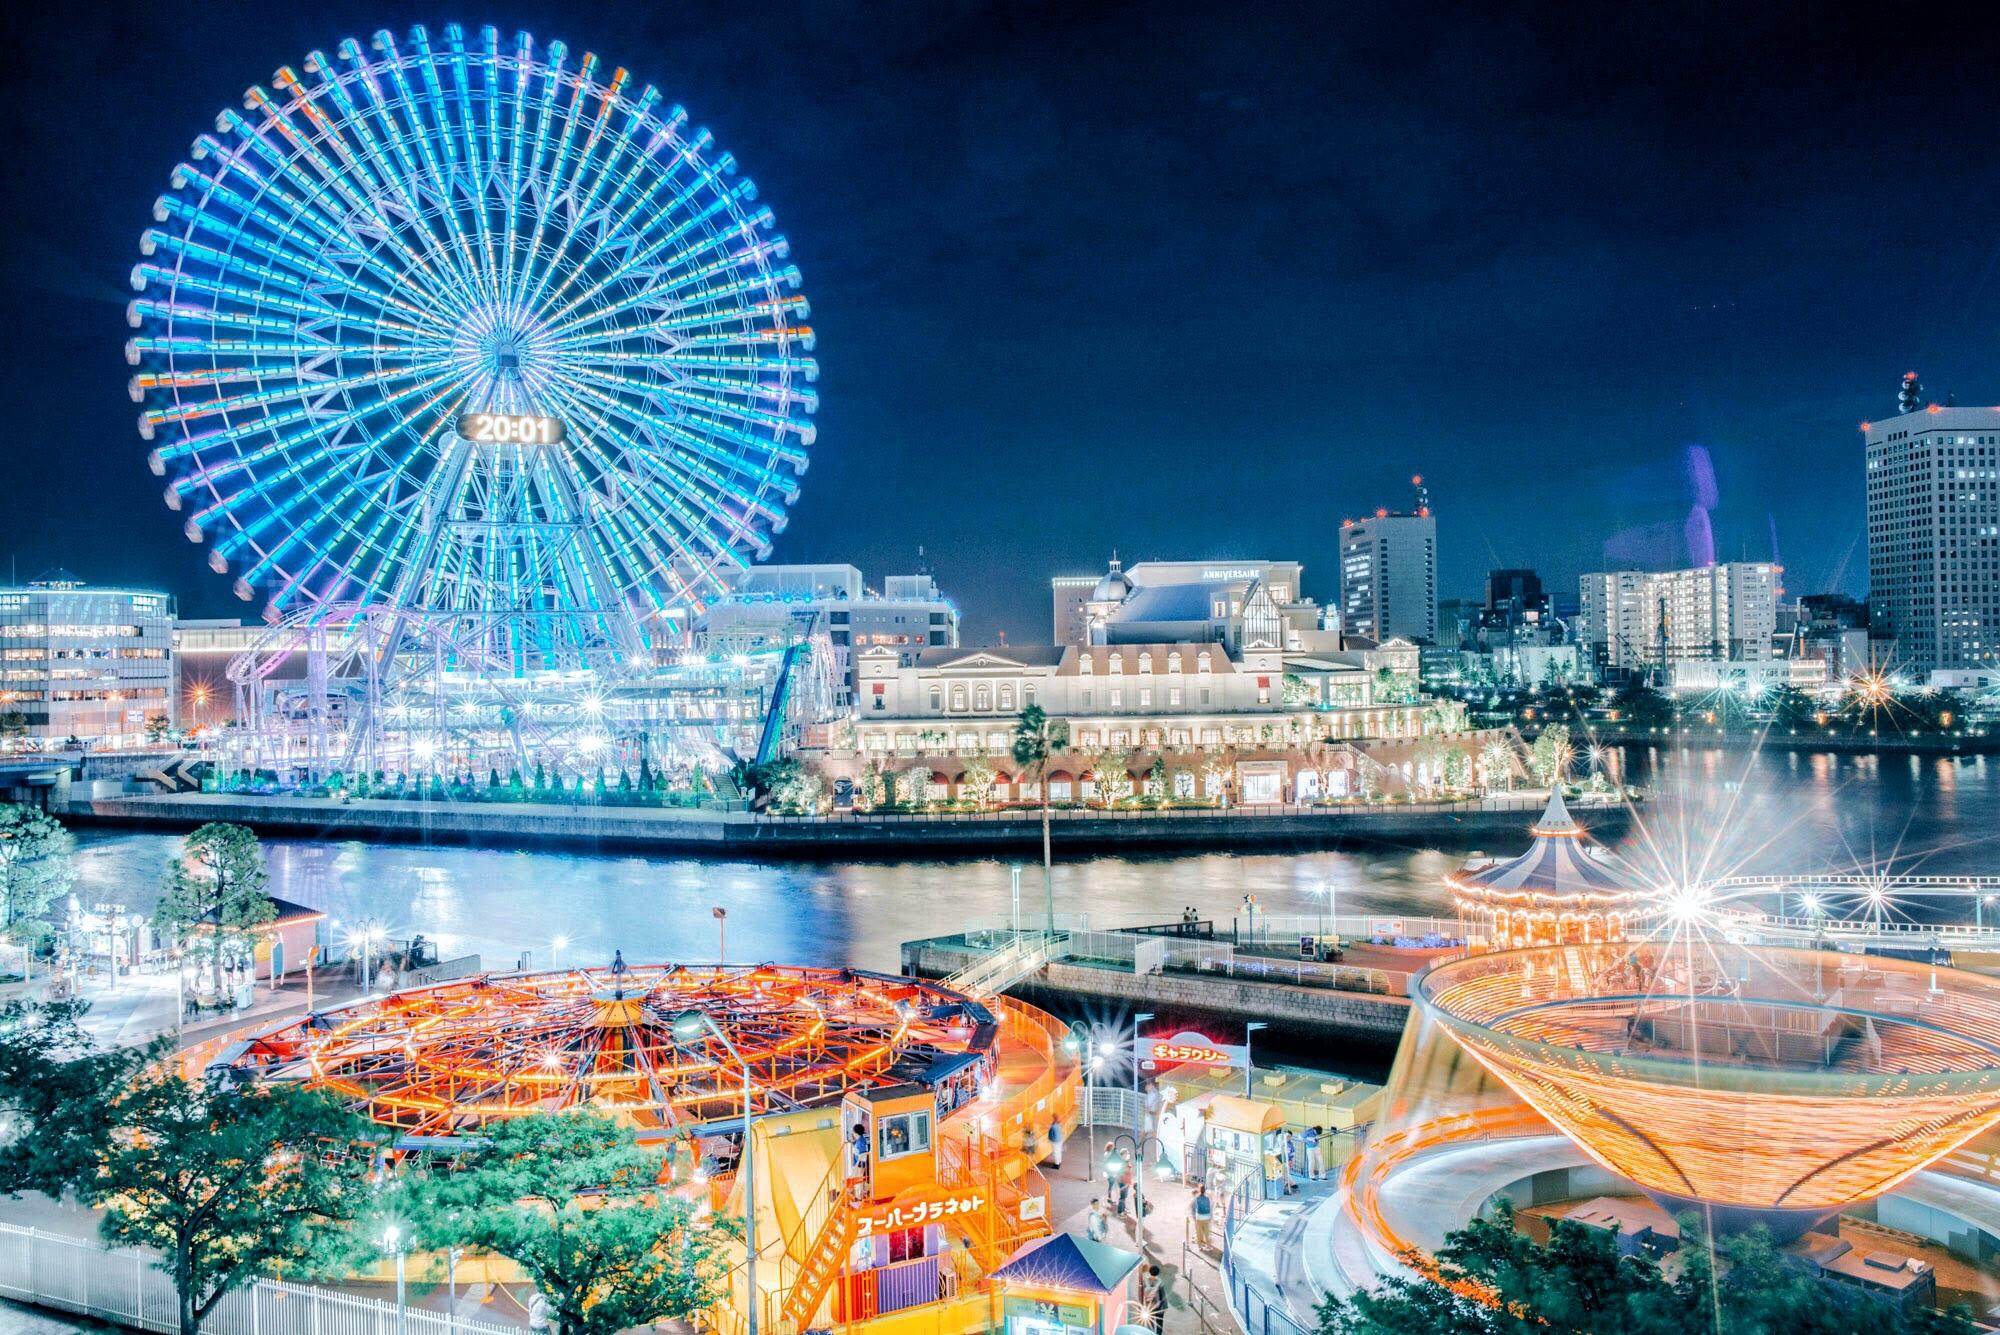 息をのむ美しさ。横浜みなとみらい周辺のおすすめ夜景スポット7選!